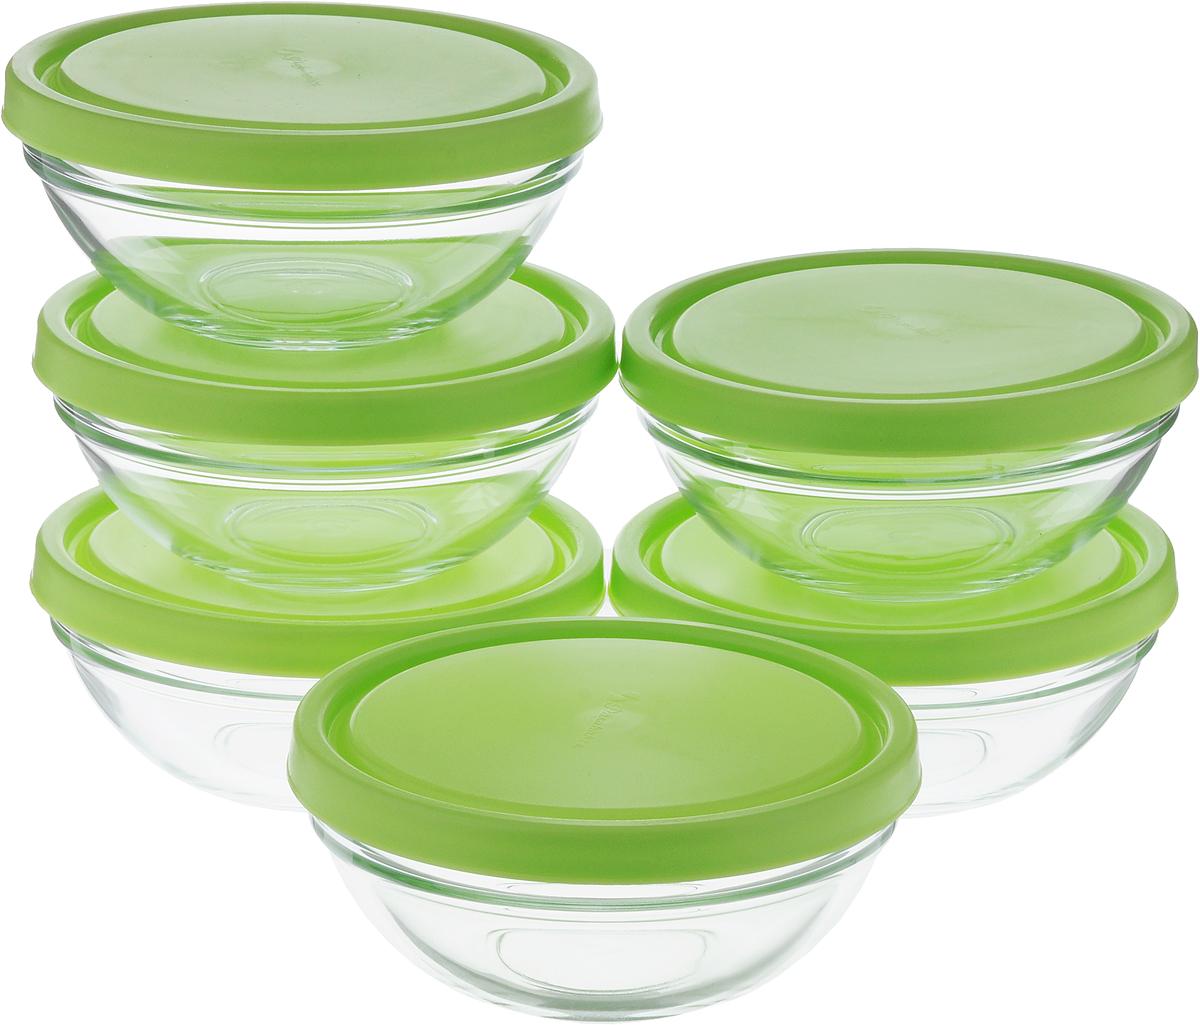 Набор салатников Pasabahce Шефс, с крышкой, диаметр 14 см, 6 шт53553BTD1Набор салатников 6 шт d=140мм V=500 мл (закаленное стекло с зеленой крышкой)